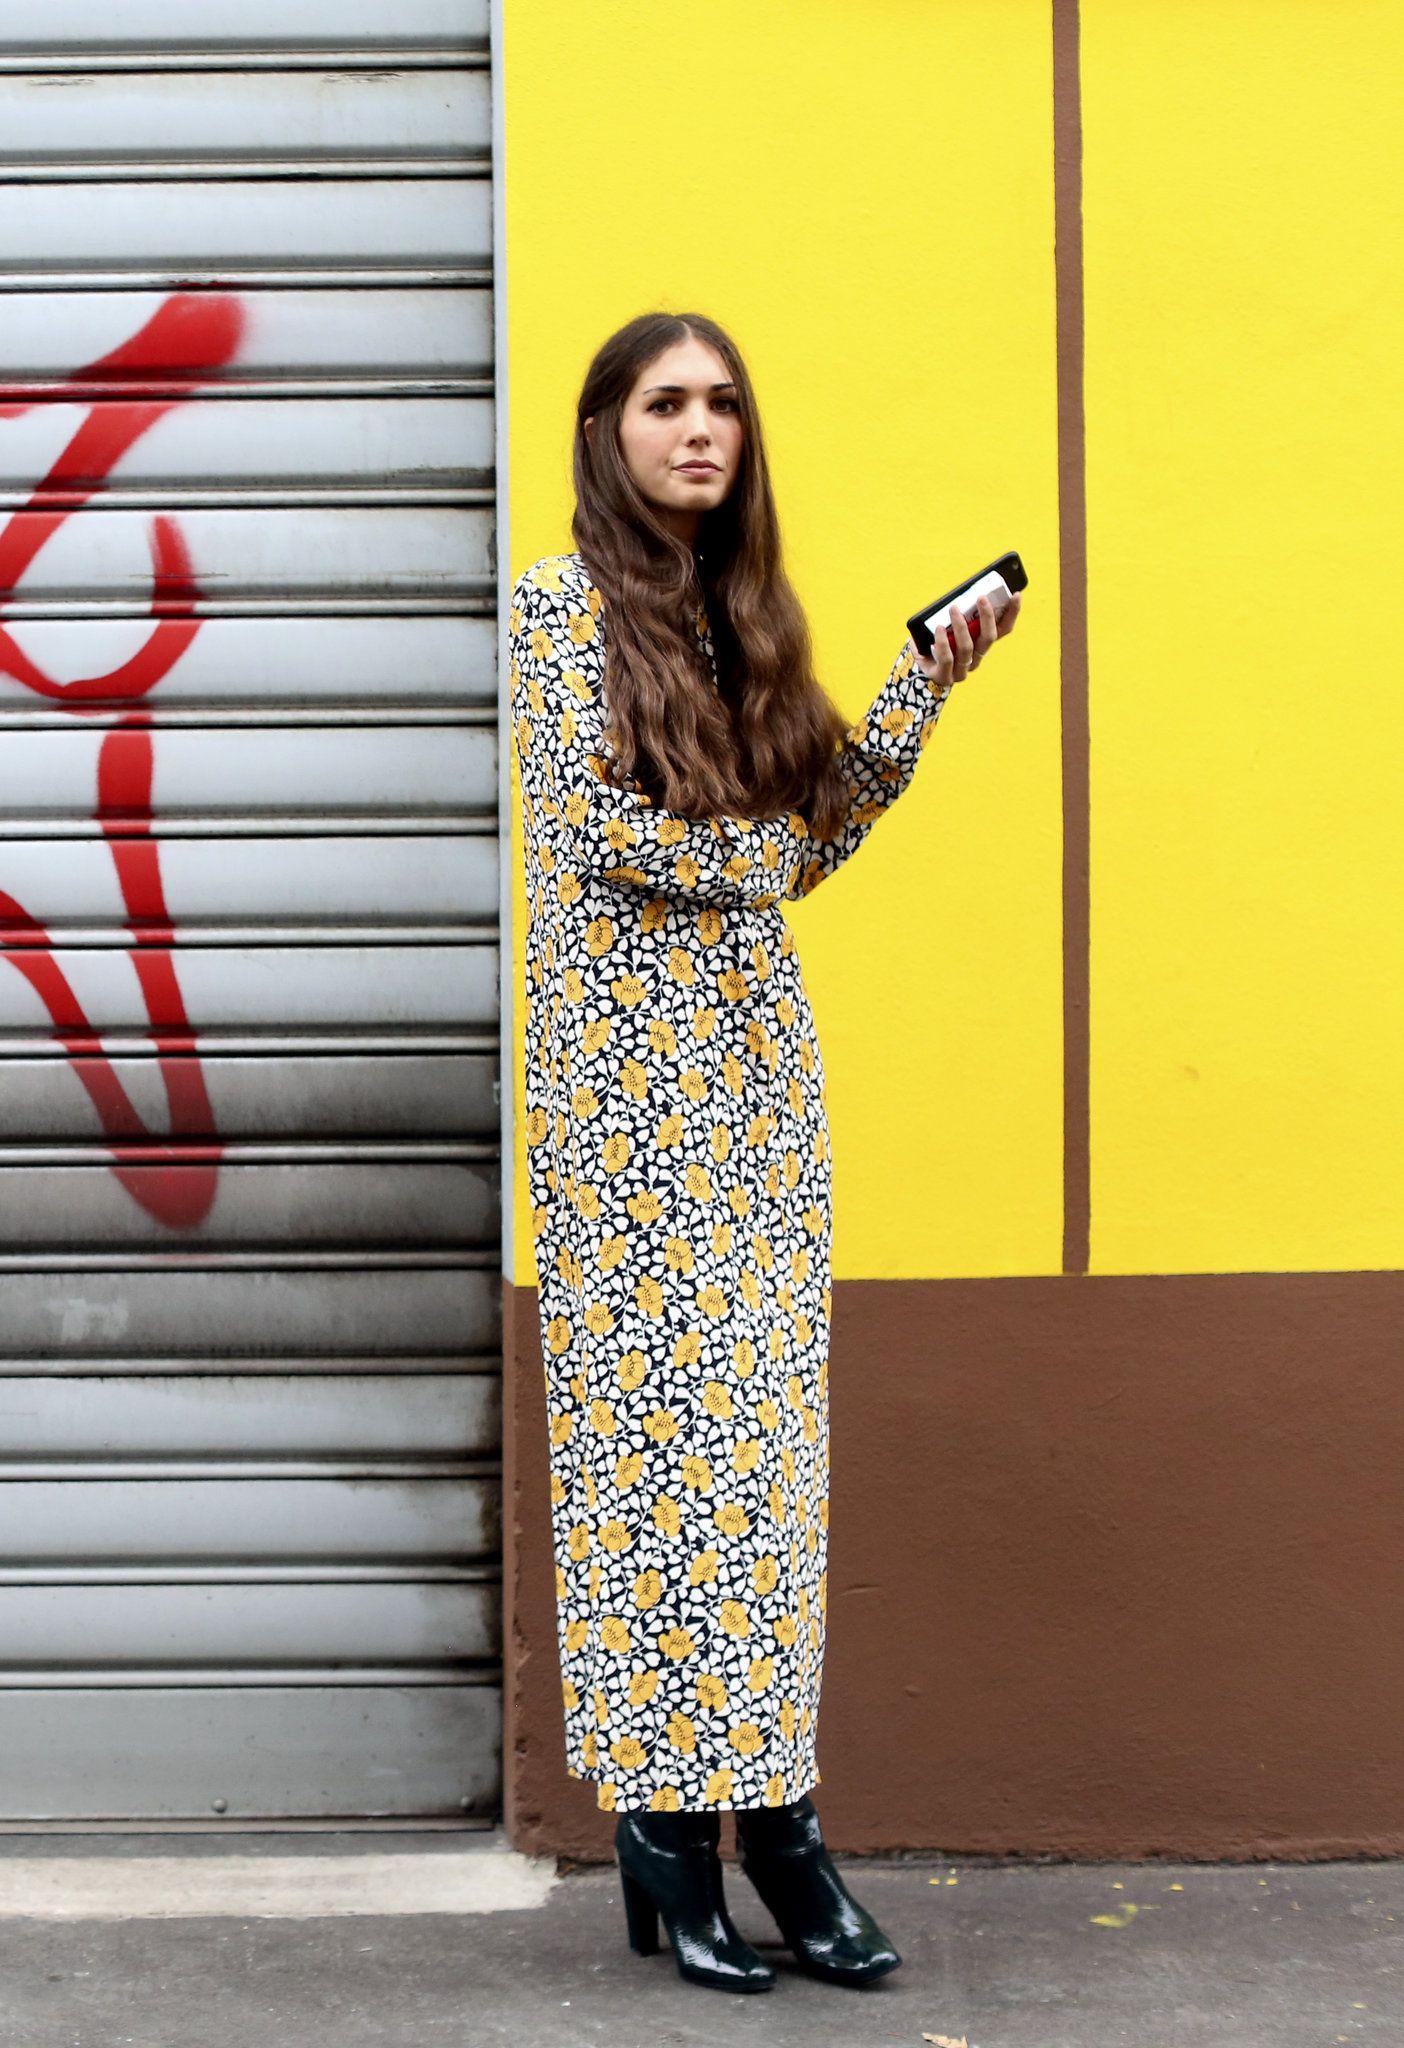 Street style milan milan fashion weeks milan fashion and milan